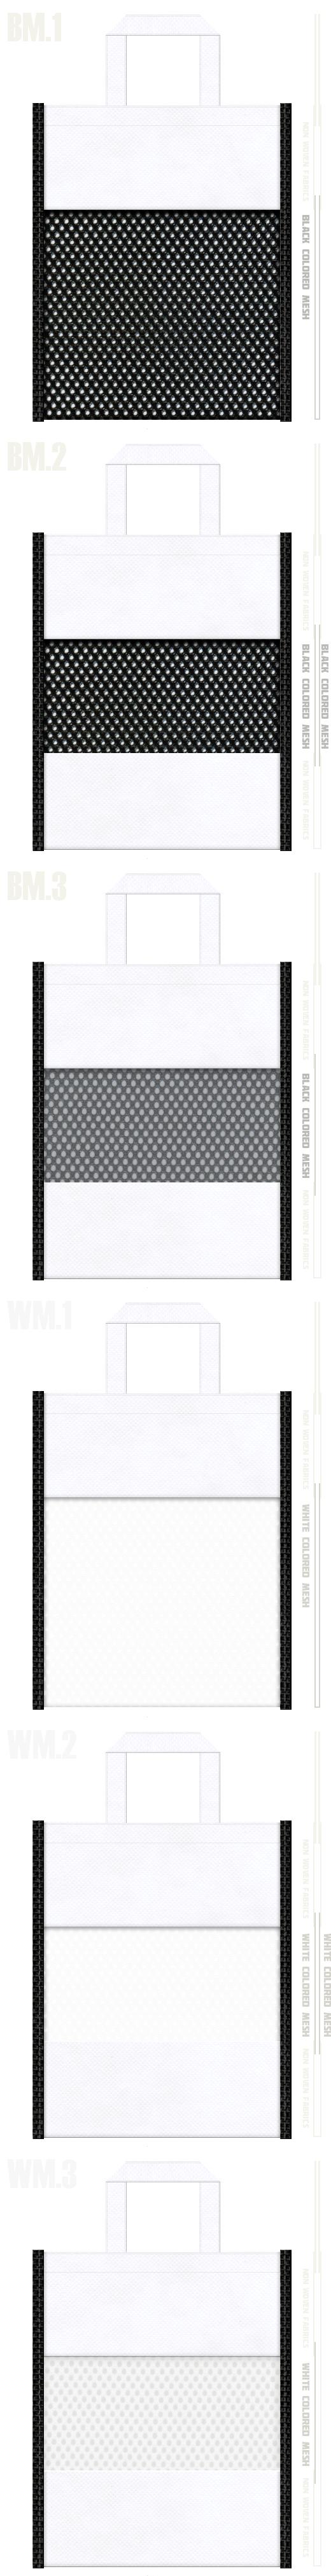 フラットタイプのメッシュバッグのカラーシミュレーション:黒色・白色メッシュと白色不織布の組み合わせ